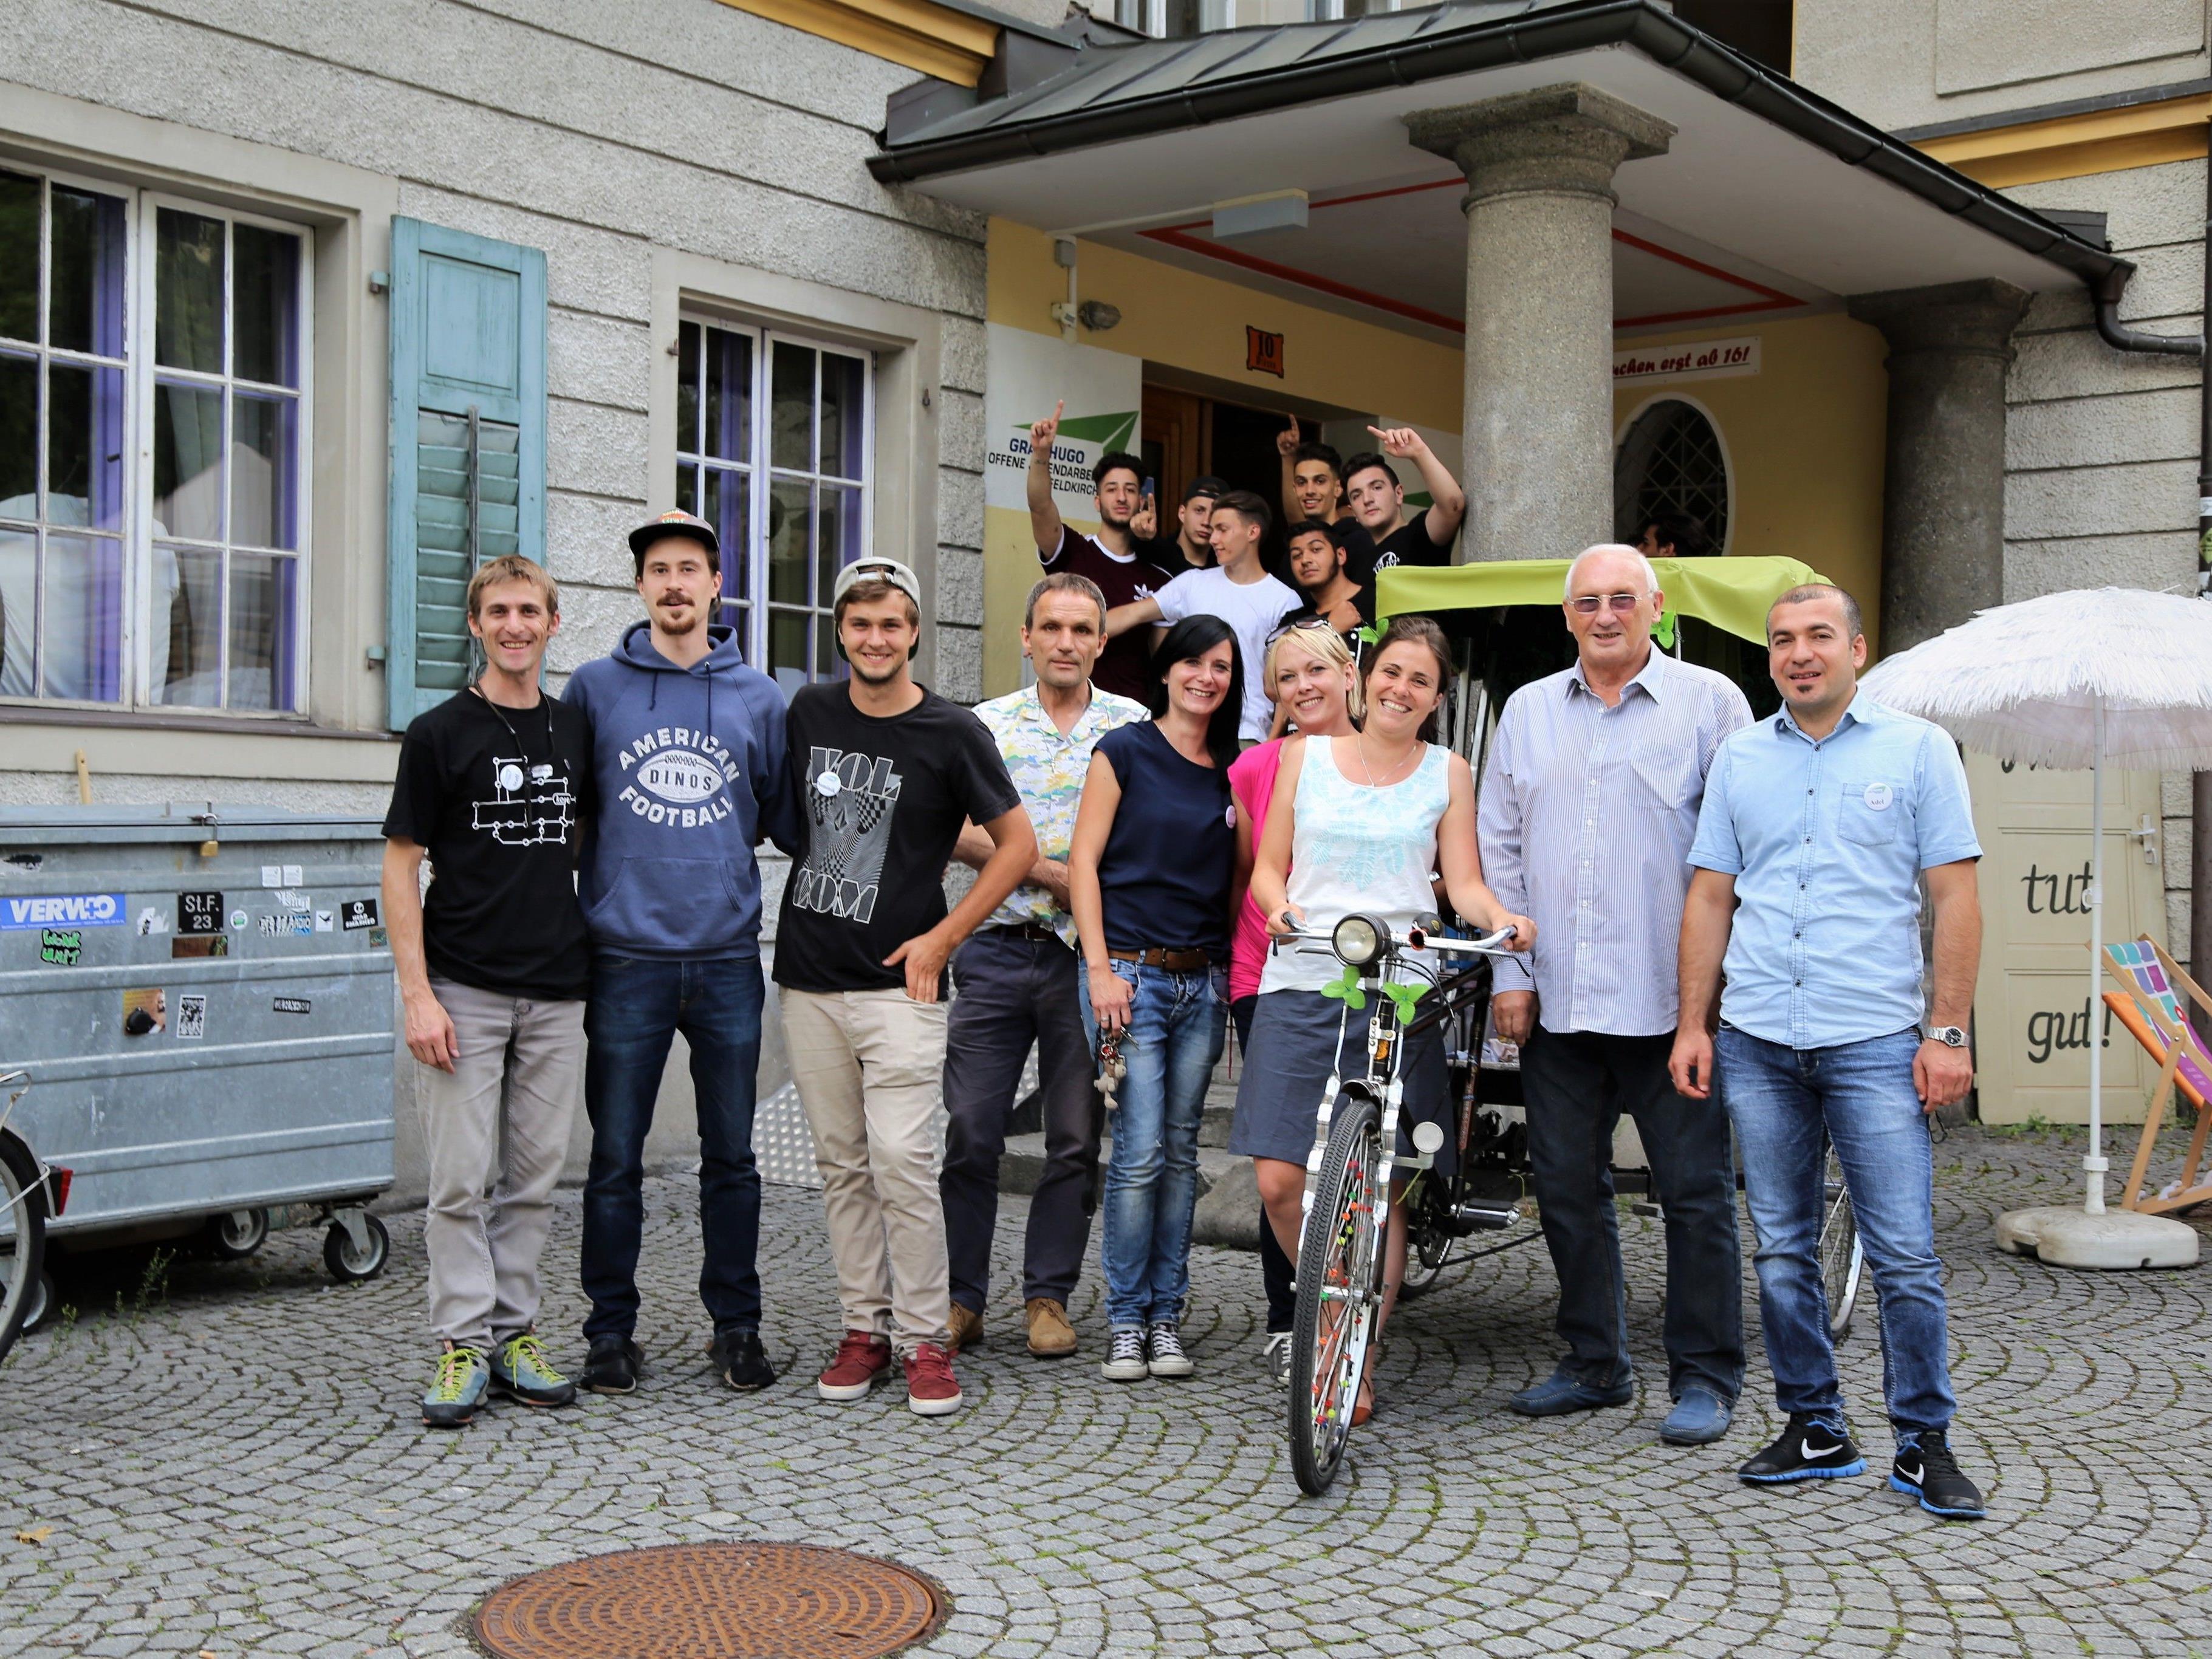 Das OJAF-Team (im Bild mit Ortsvorsteher Dieter Preschle) begrüßte die zahlreichen Gäste im Graf Hugo.